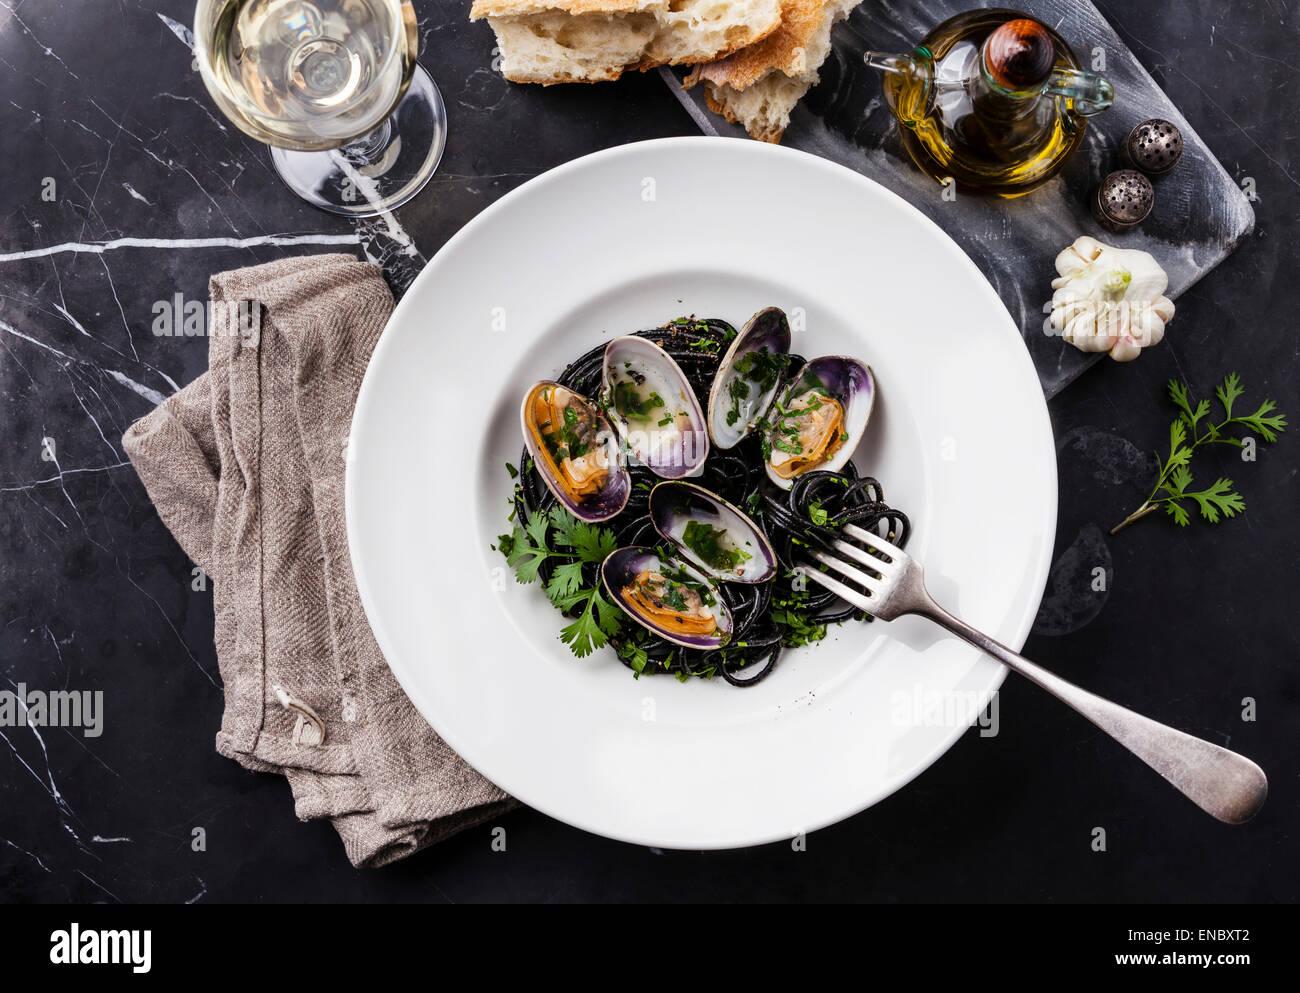 Pâtes aux fruits de mer Spaghetti aux palourdes Vongole sur plaque blanche sur fond de marbre noir Photo Stock